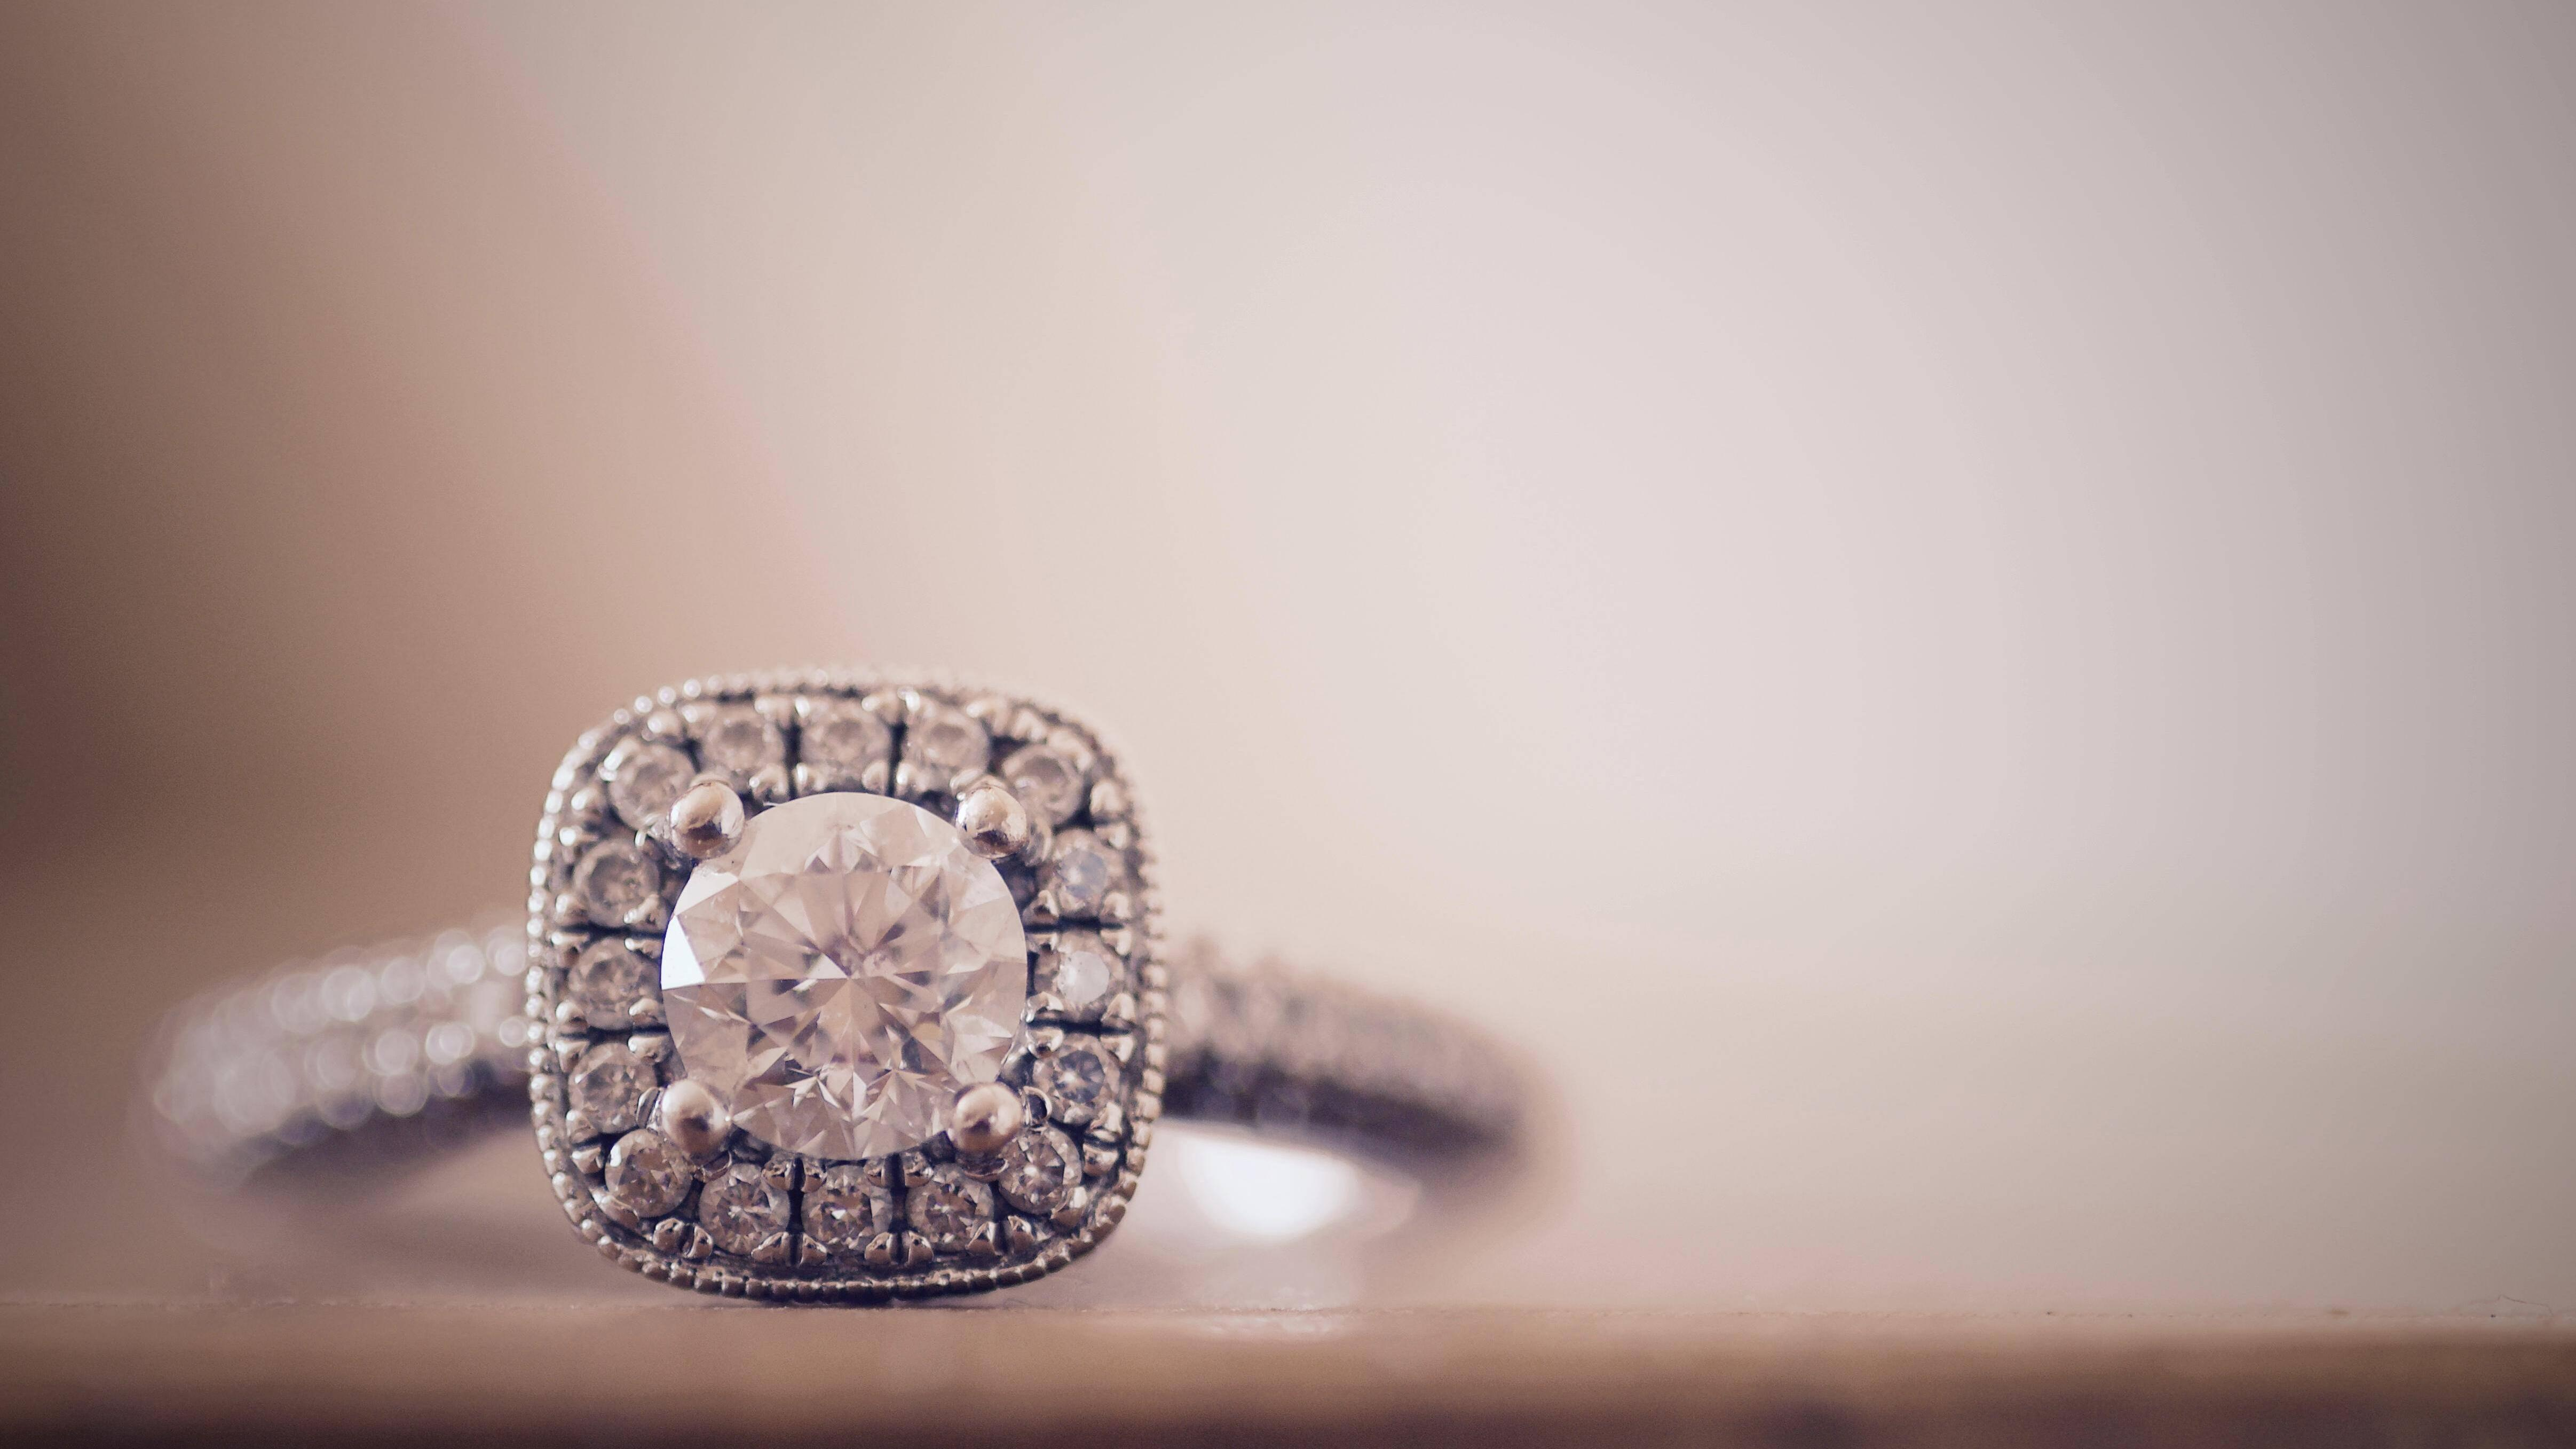 Verlobung auflösen: Gründe und welche rechtliche Bedeutung es hat